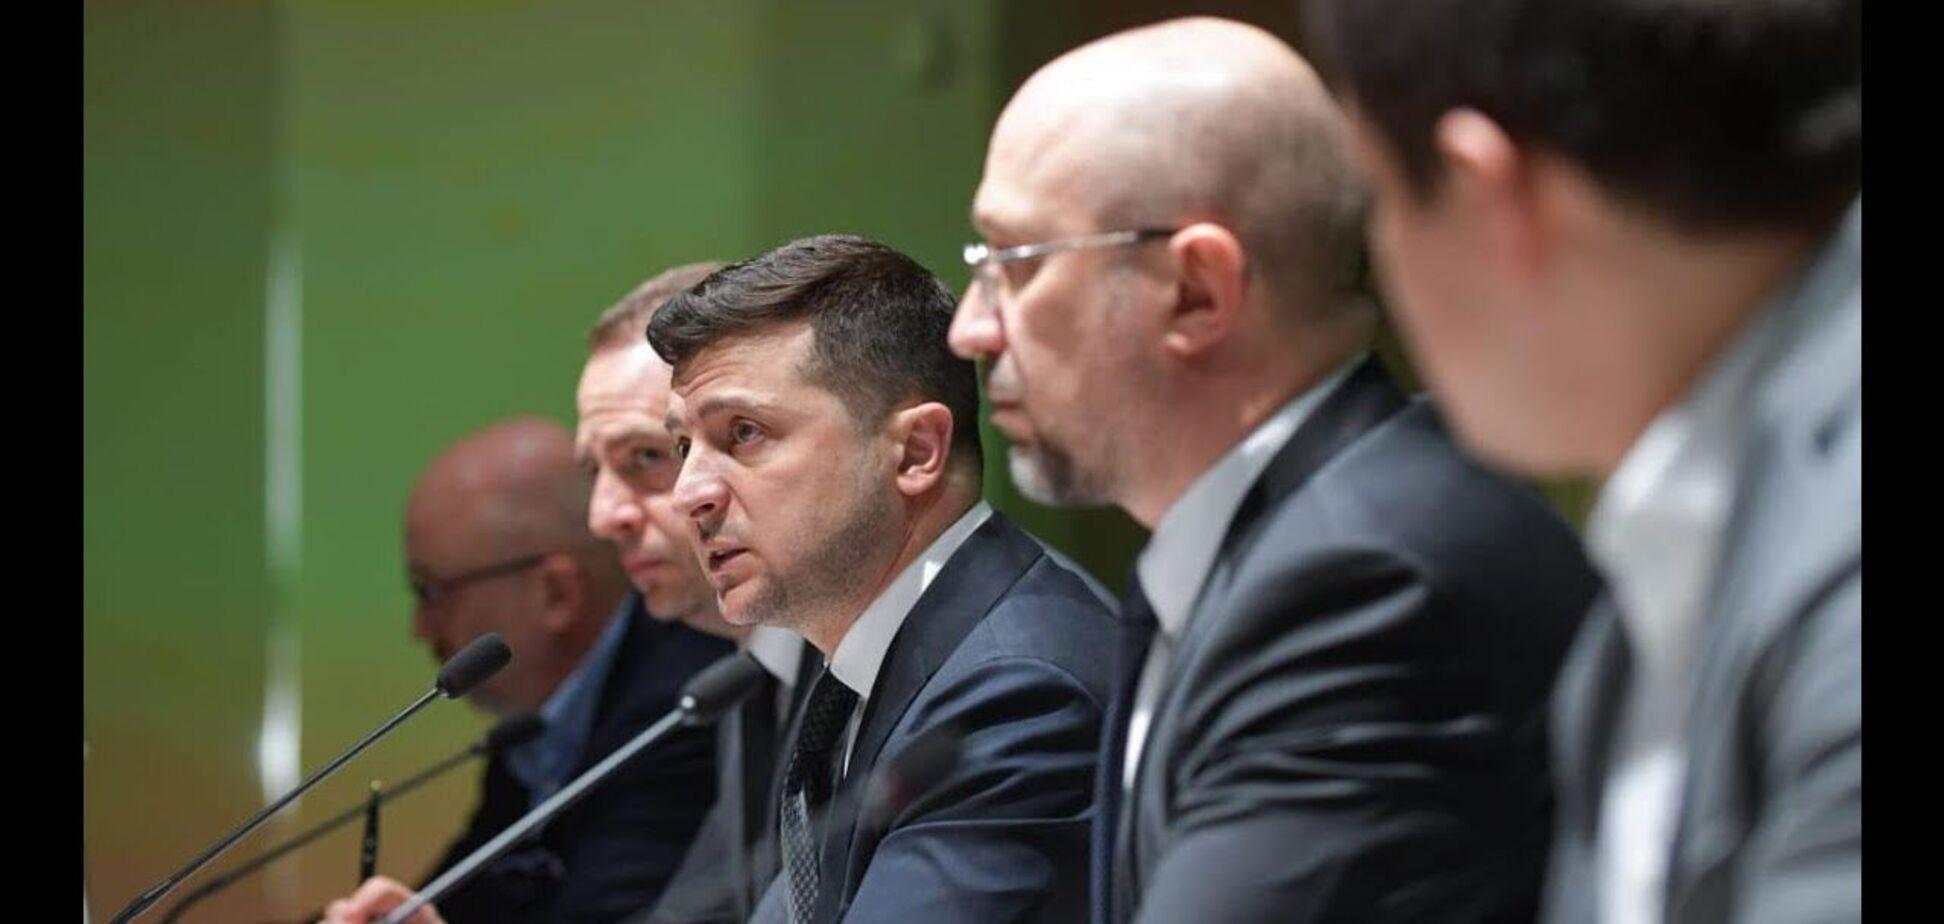 Зеленський назвав Україну інвестиційною гаванню, а Шмигаль пообіцяв топове місце в Doing Business